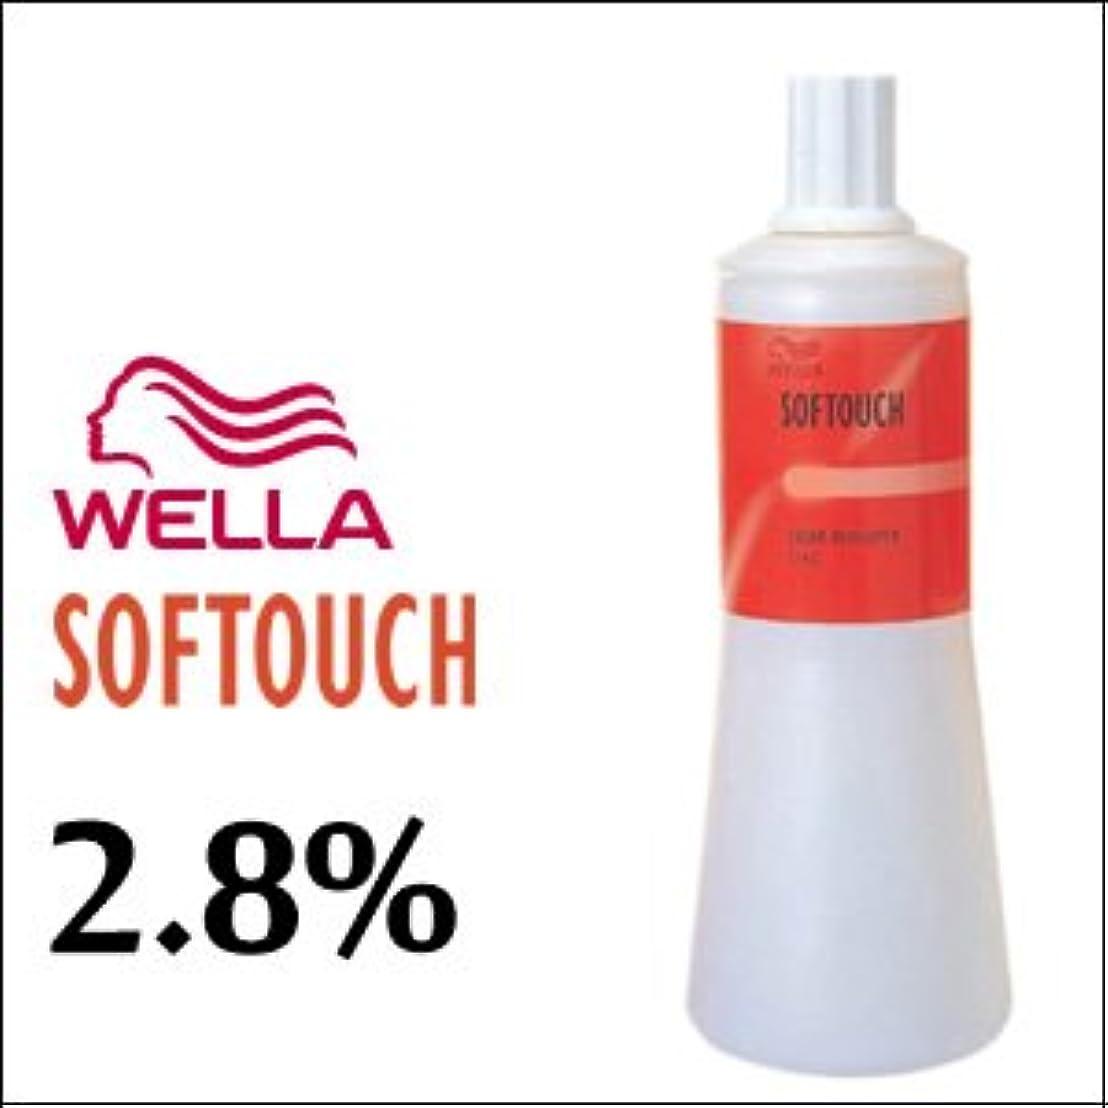 予約発揮する再びウエラ ヘアカラー ソフタッチ クリームディベロッパー 2.8% 1L